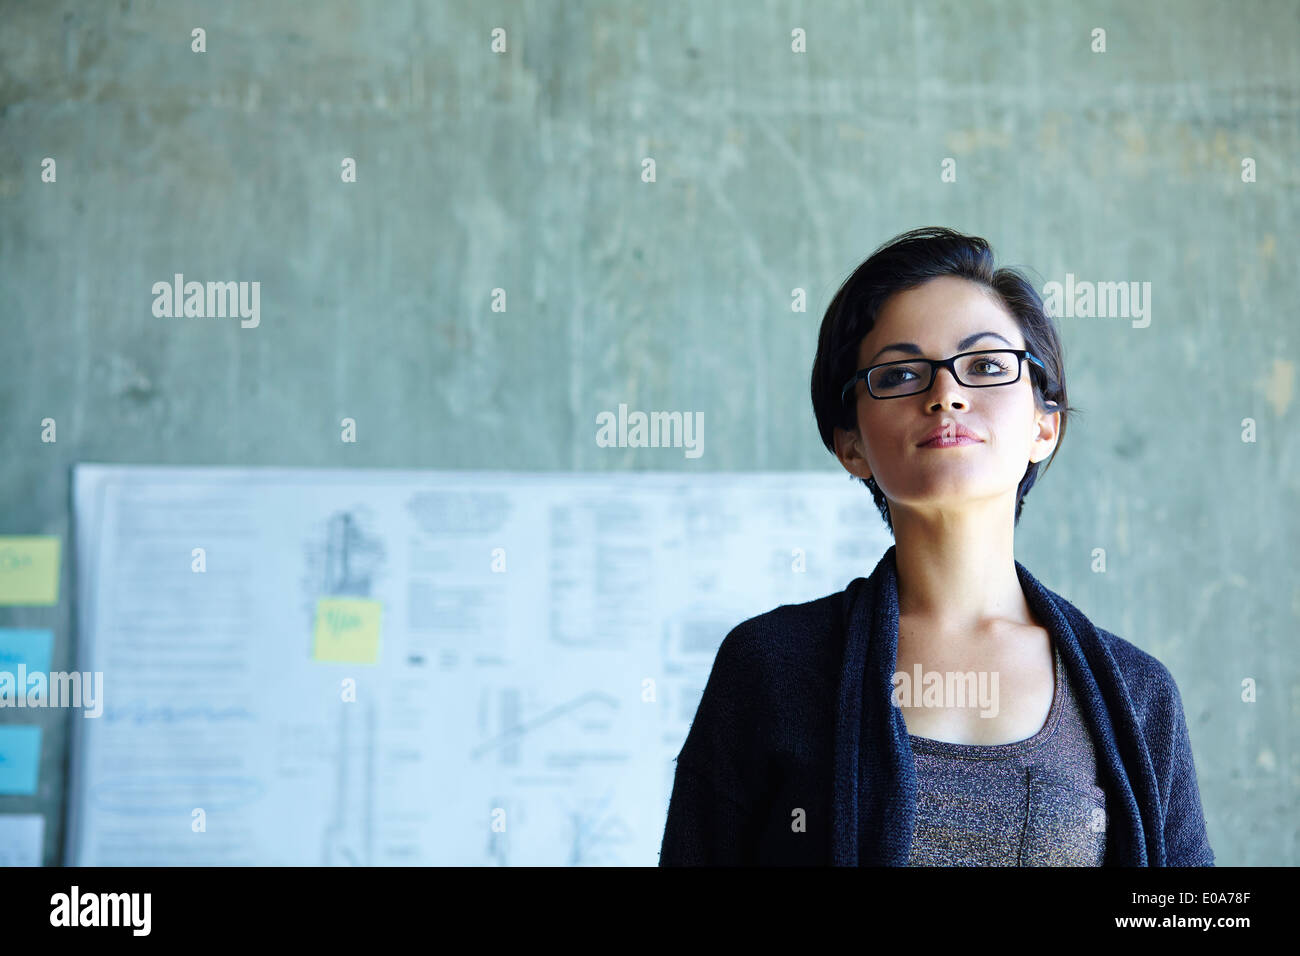 Porträt von Ernst junge Geschäftsfrau im Büro Stockbild